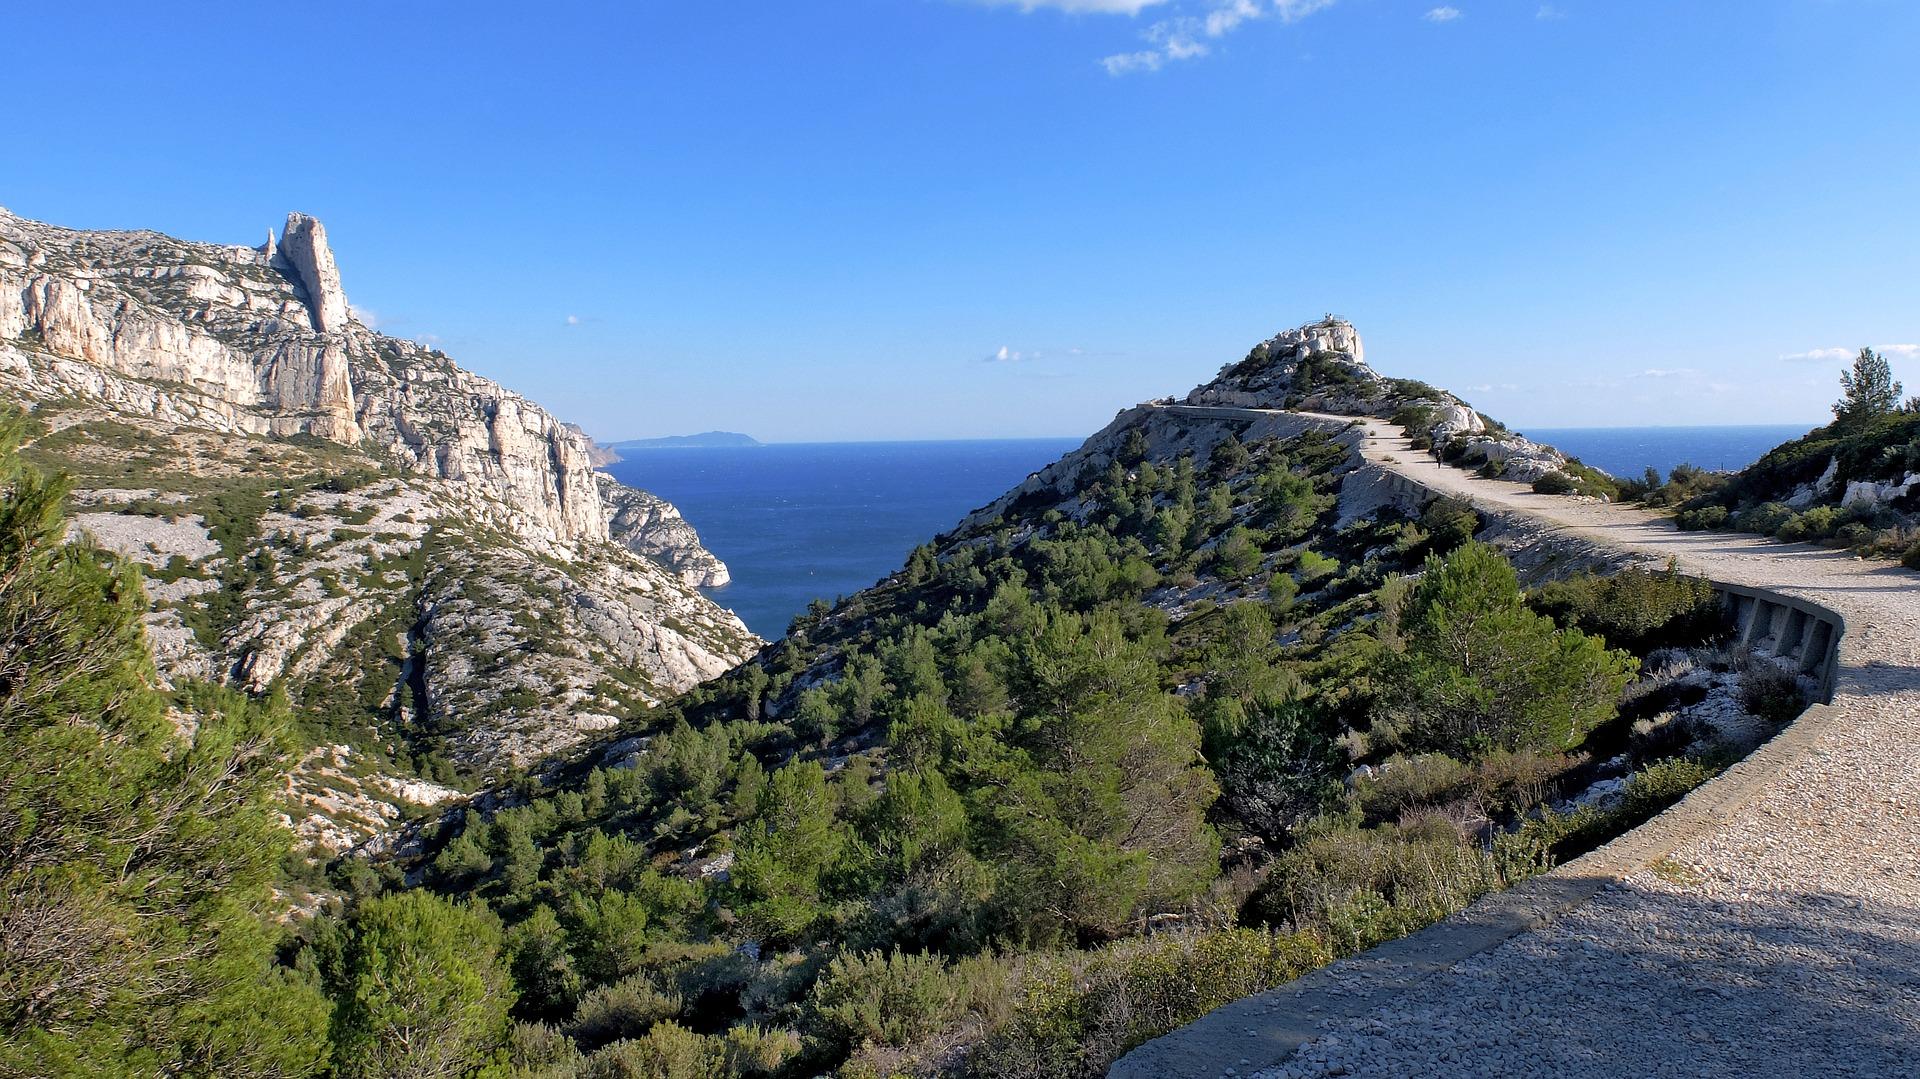 Calanques_Marseille_Shutterstock.jpg?1543407451